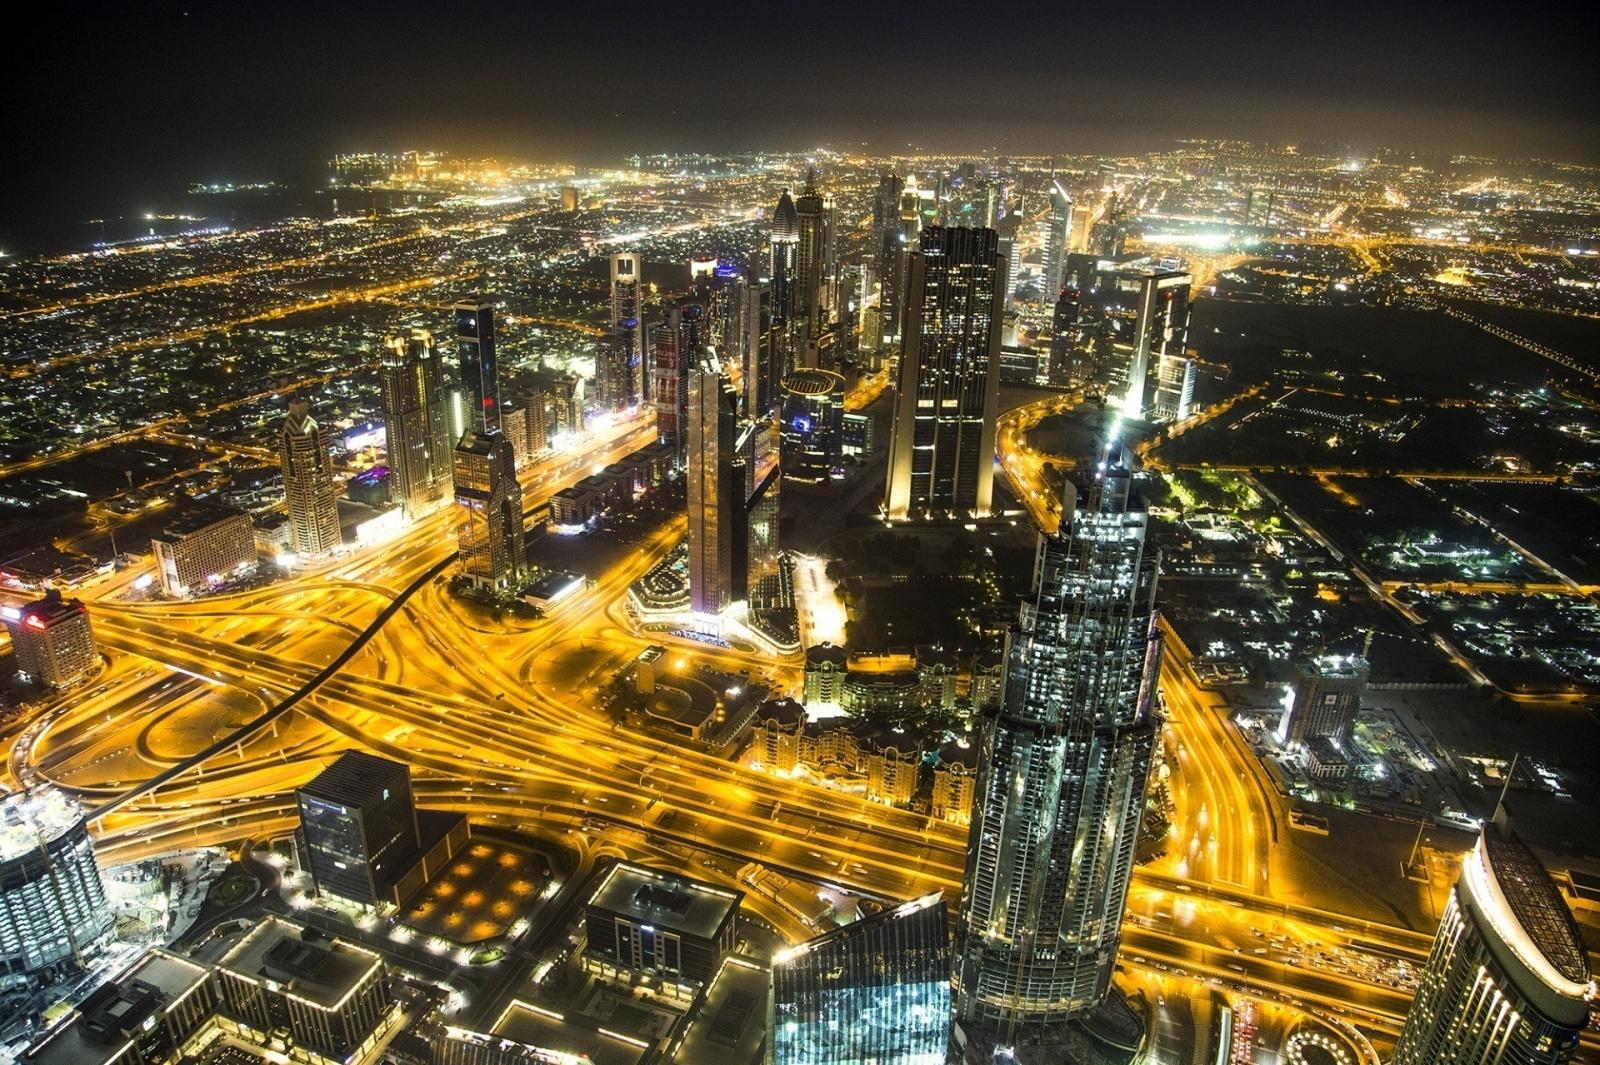 Pełne Klatki: Dubaj Biuro podróży Goforworld by Kuźniar